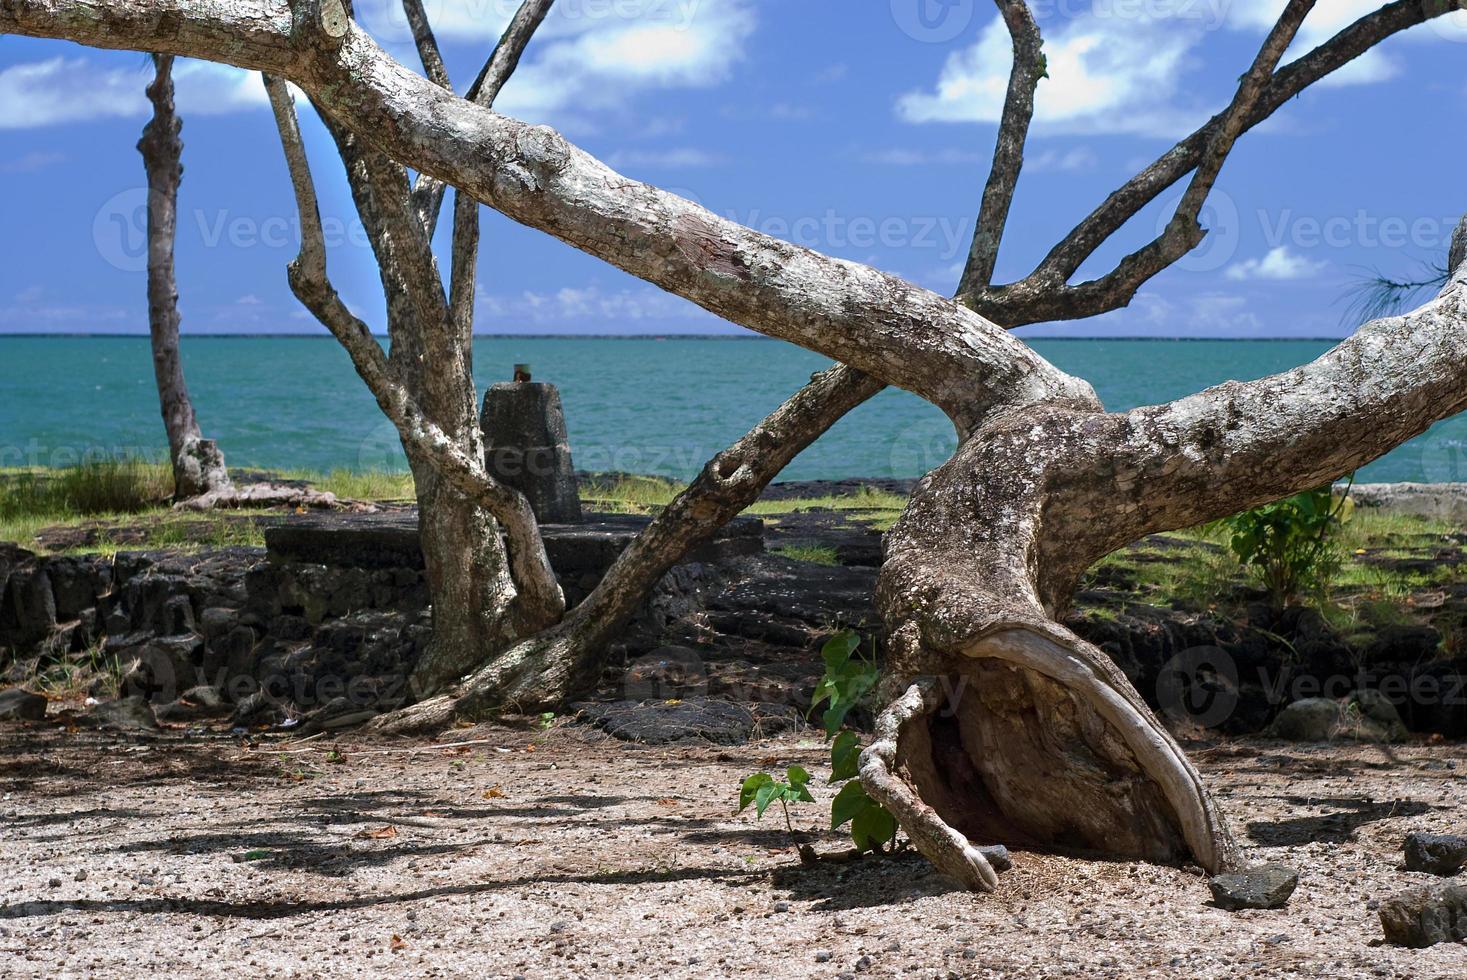 Coconut Island strand met tropische bomen en zand foto